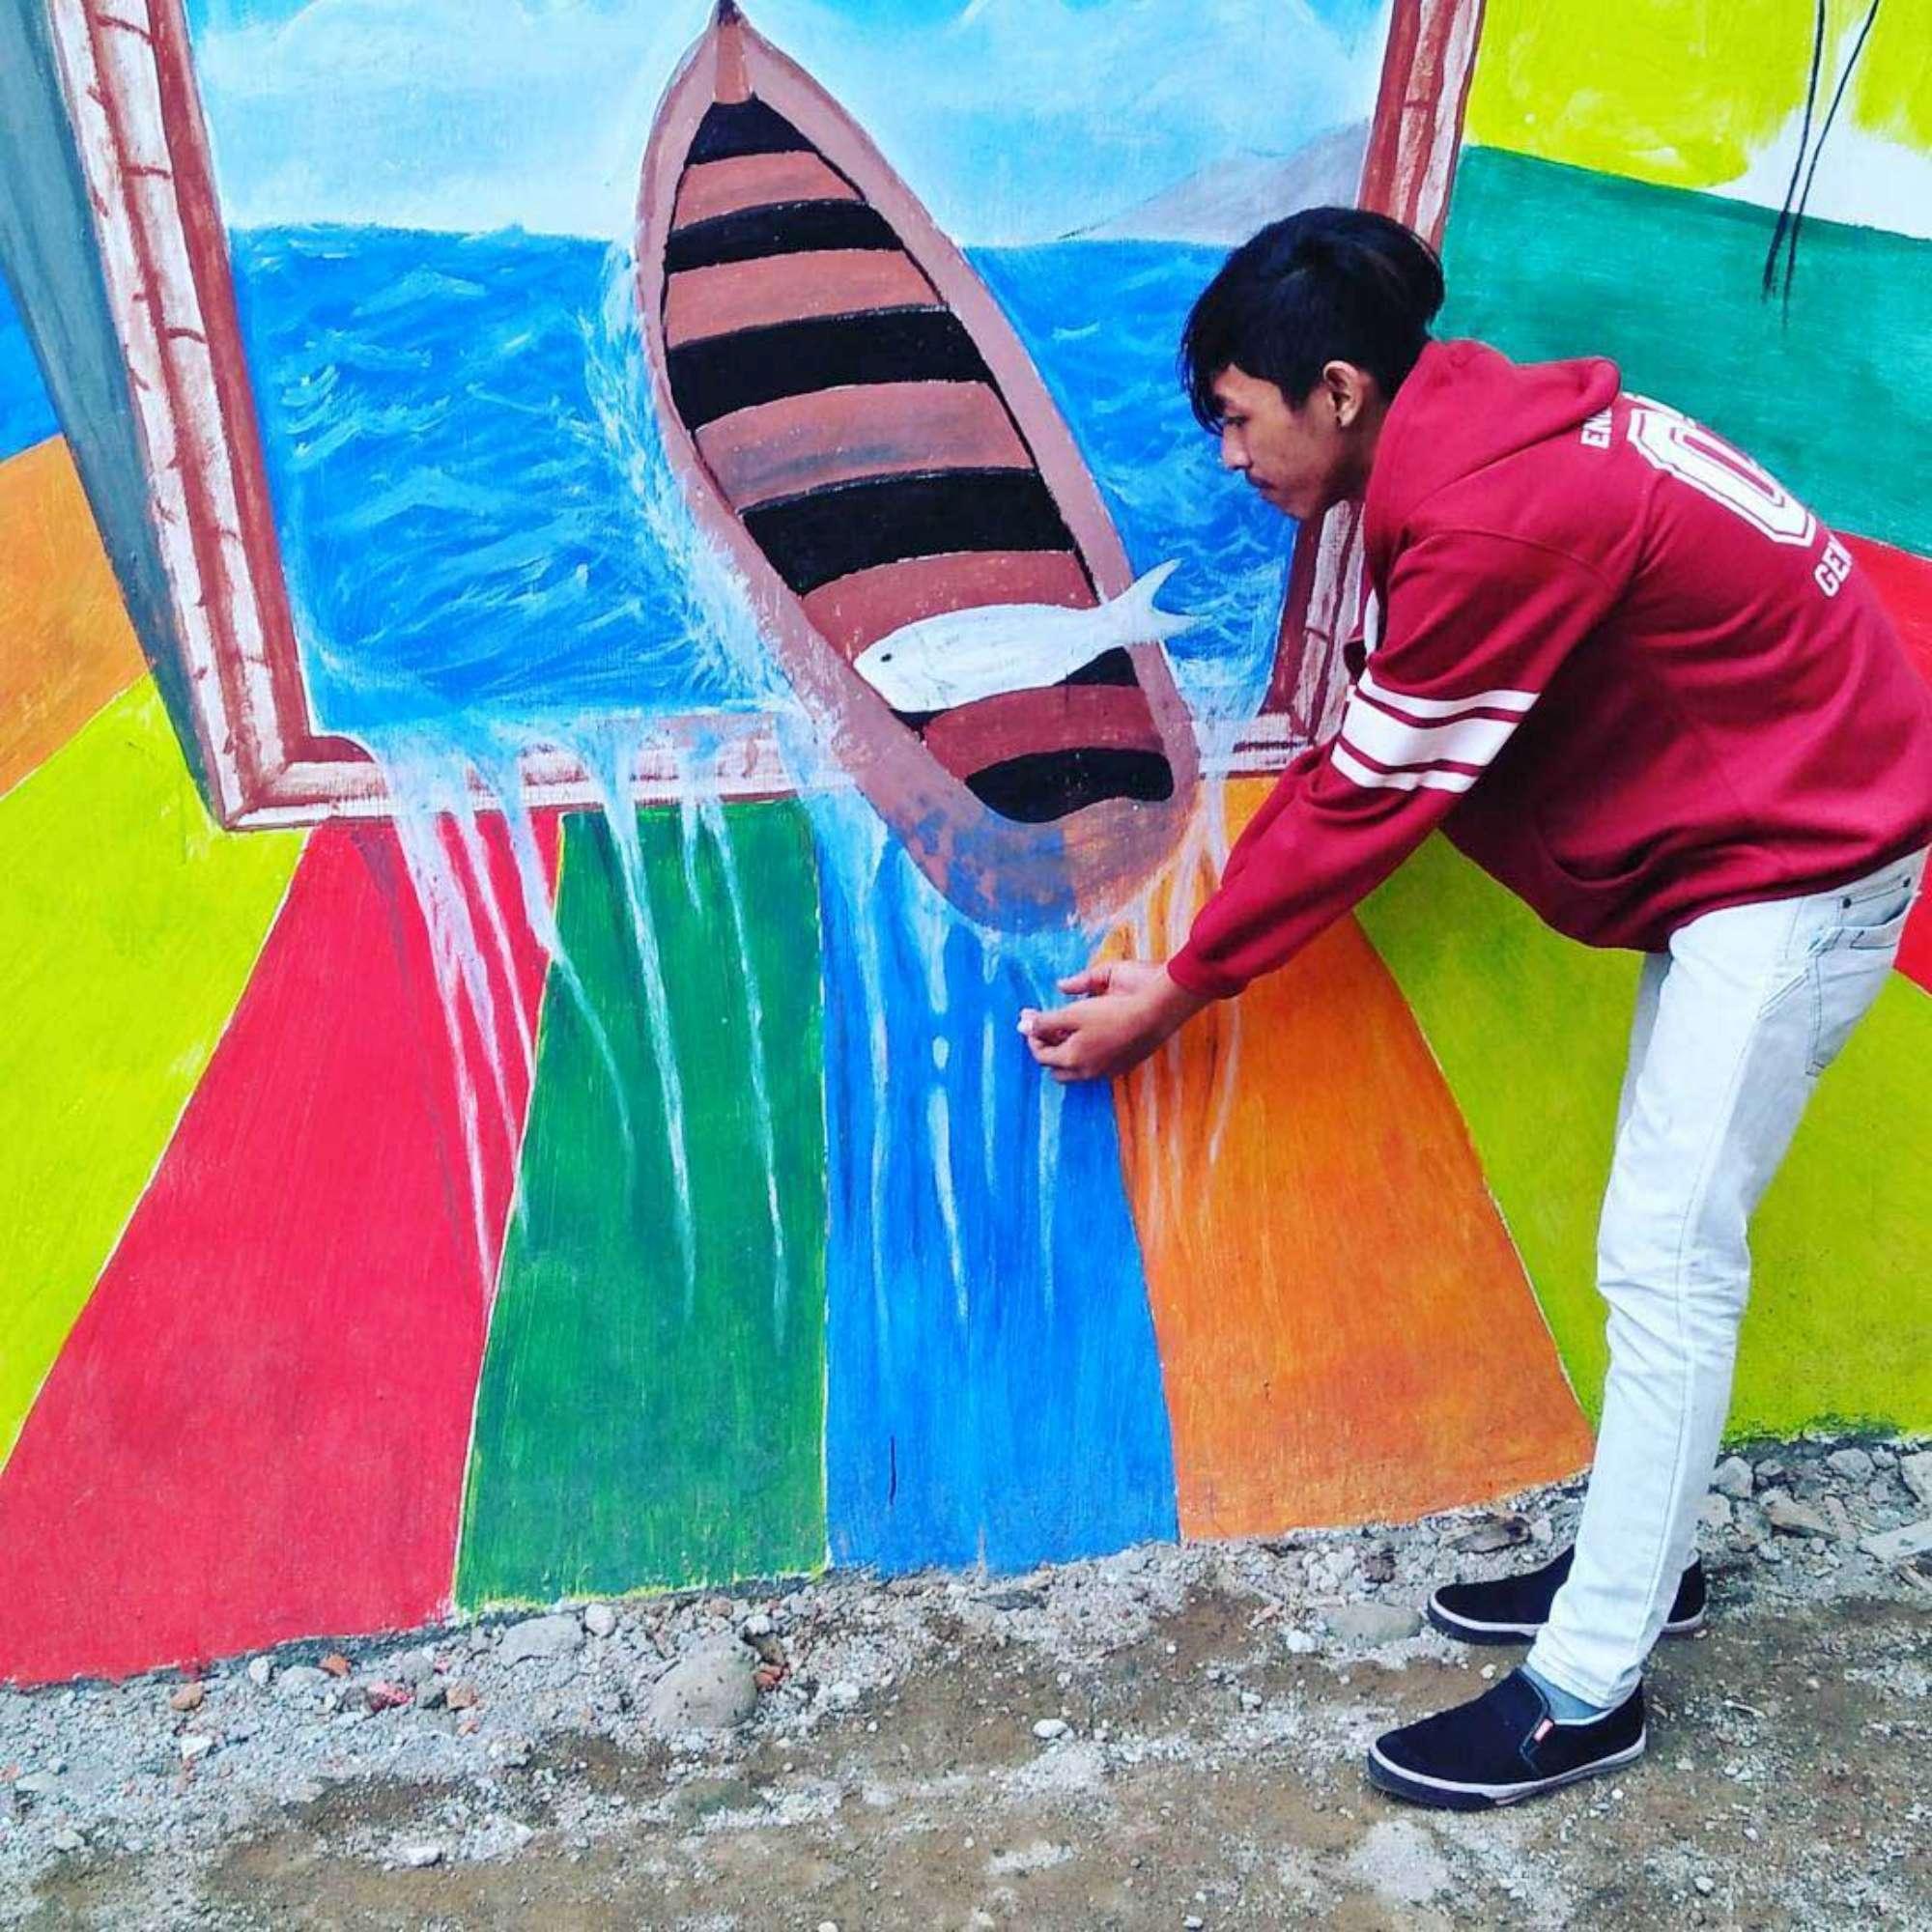 Indonesia, un arcobaleno di colori ridipinge la baraccopoli